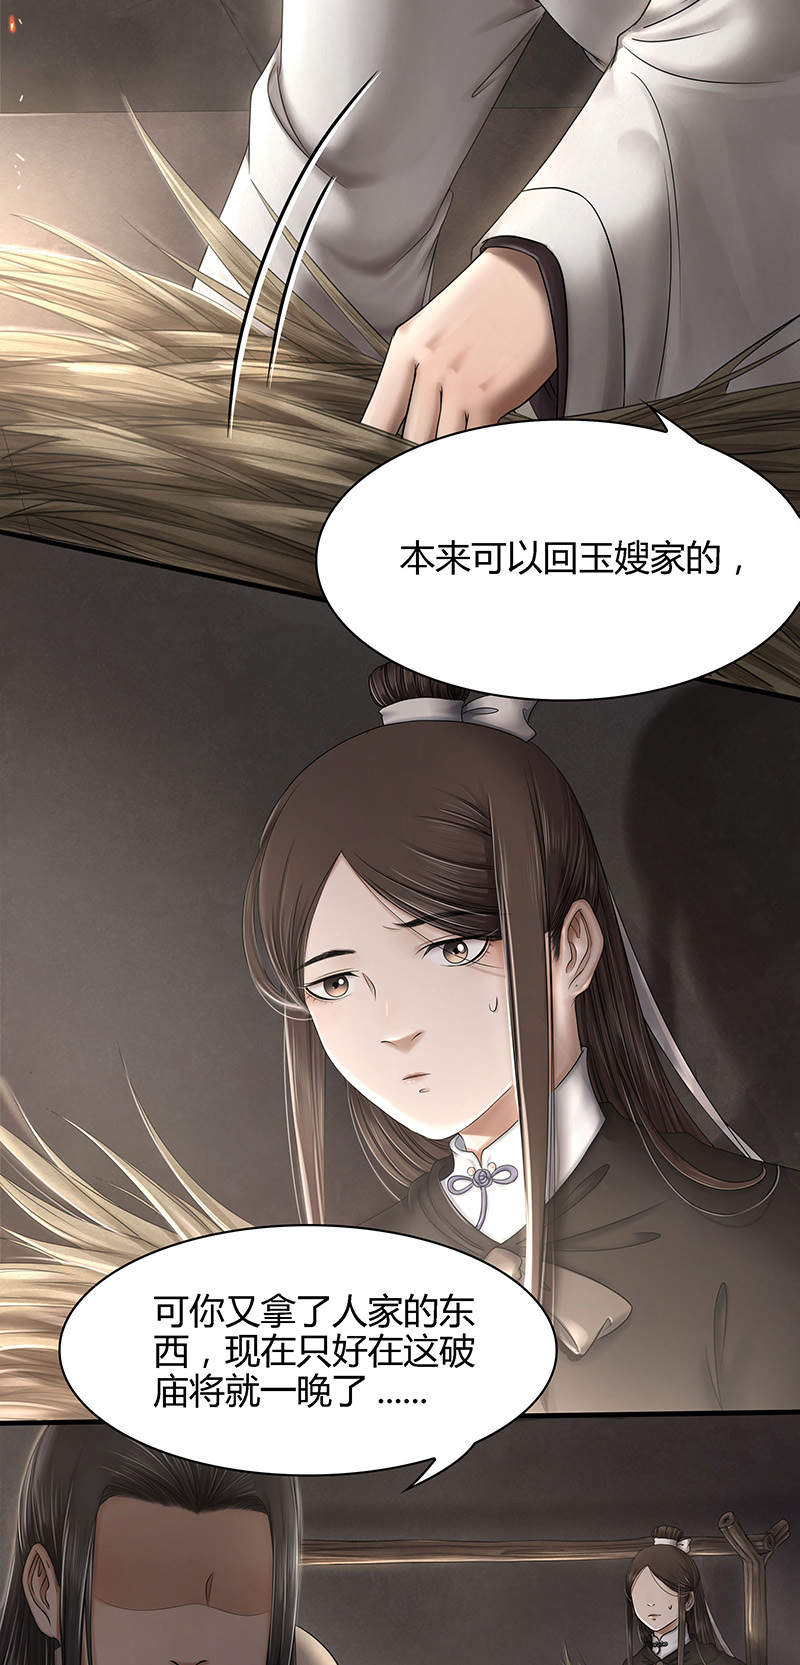 画骨女仵作第55话  夜话 第 4